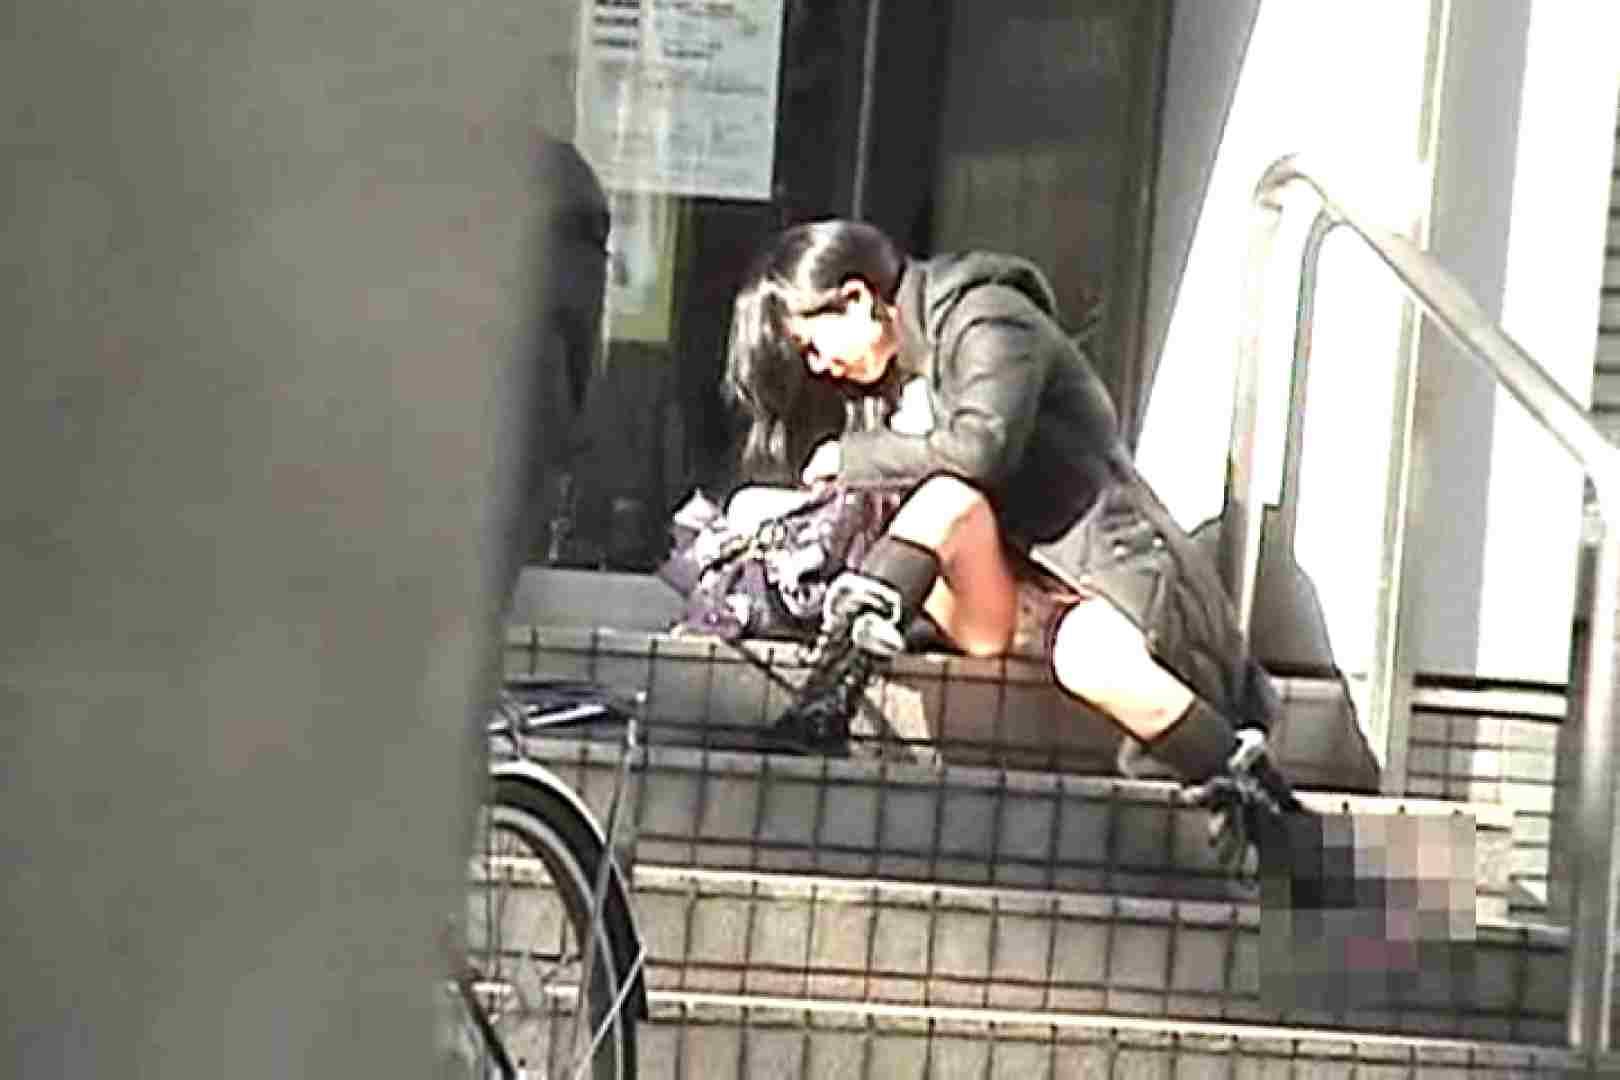 マンチラインパクトVol.6 ミニスカート 覗きワレメ動画紹介 78画像 29